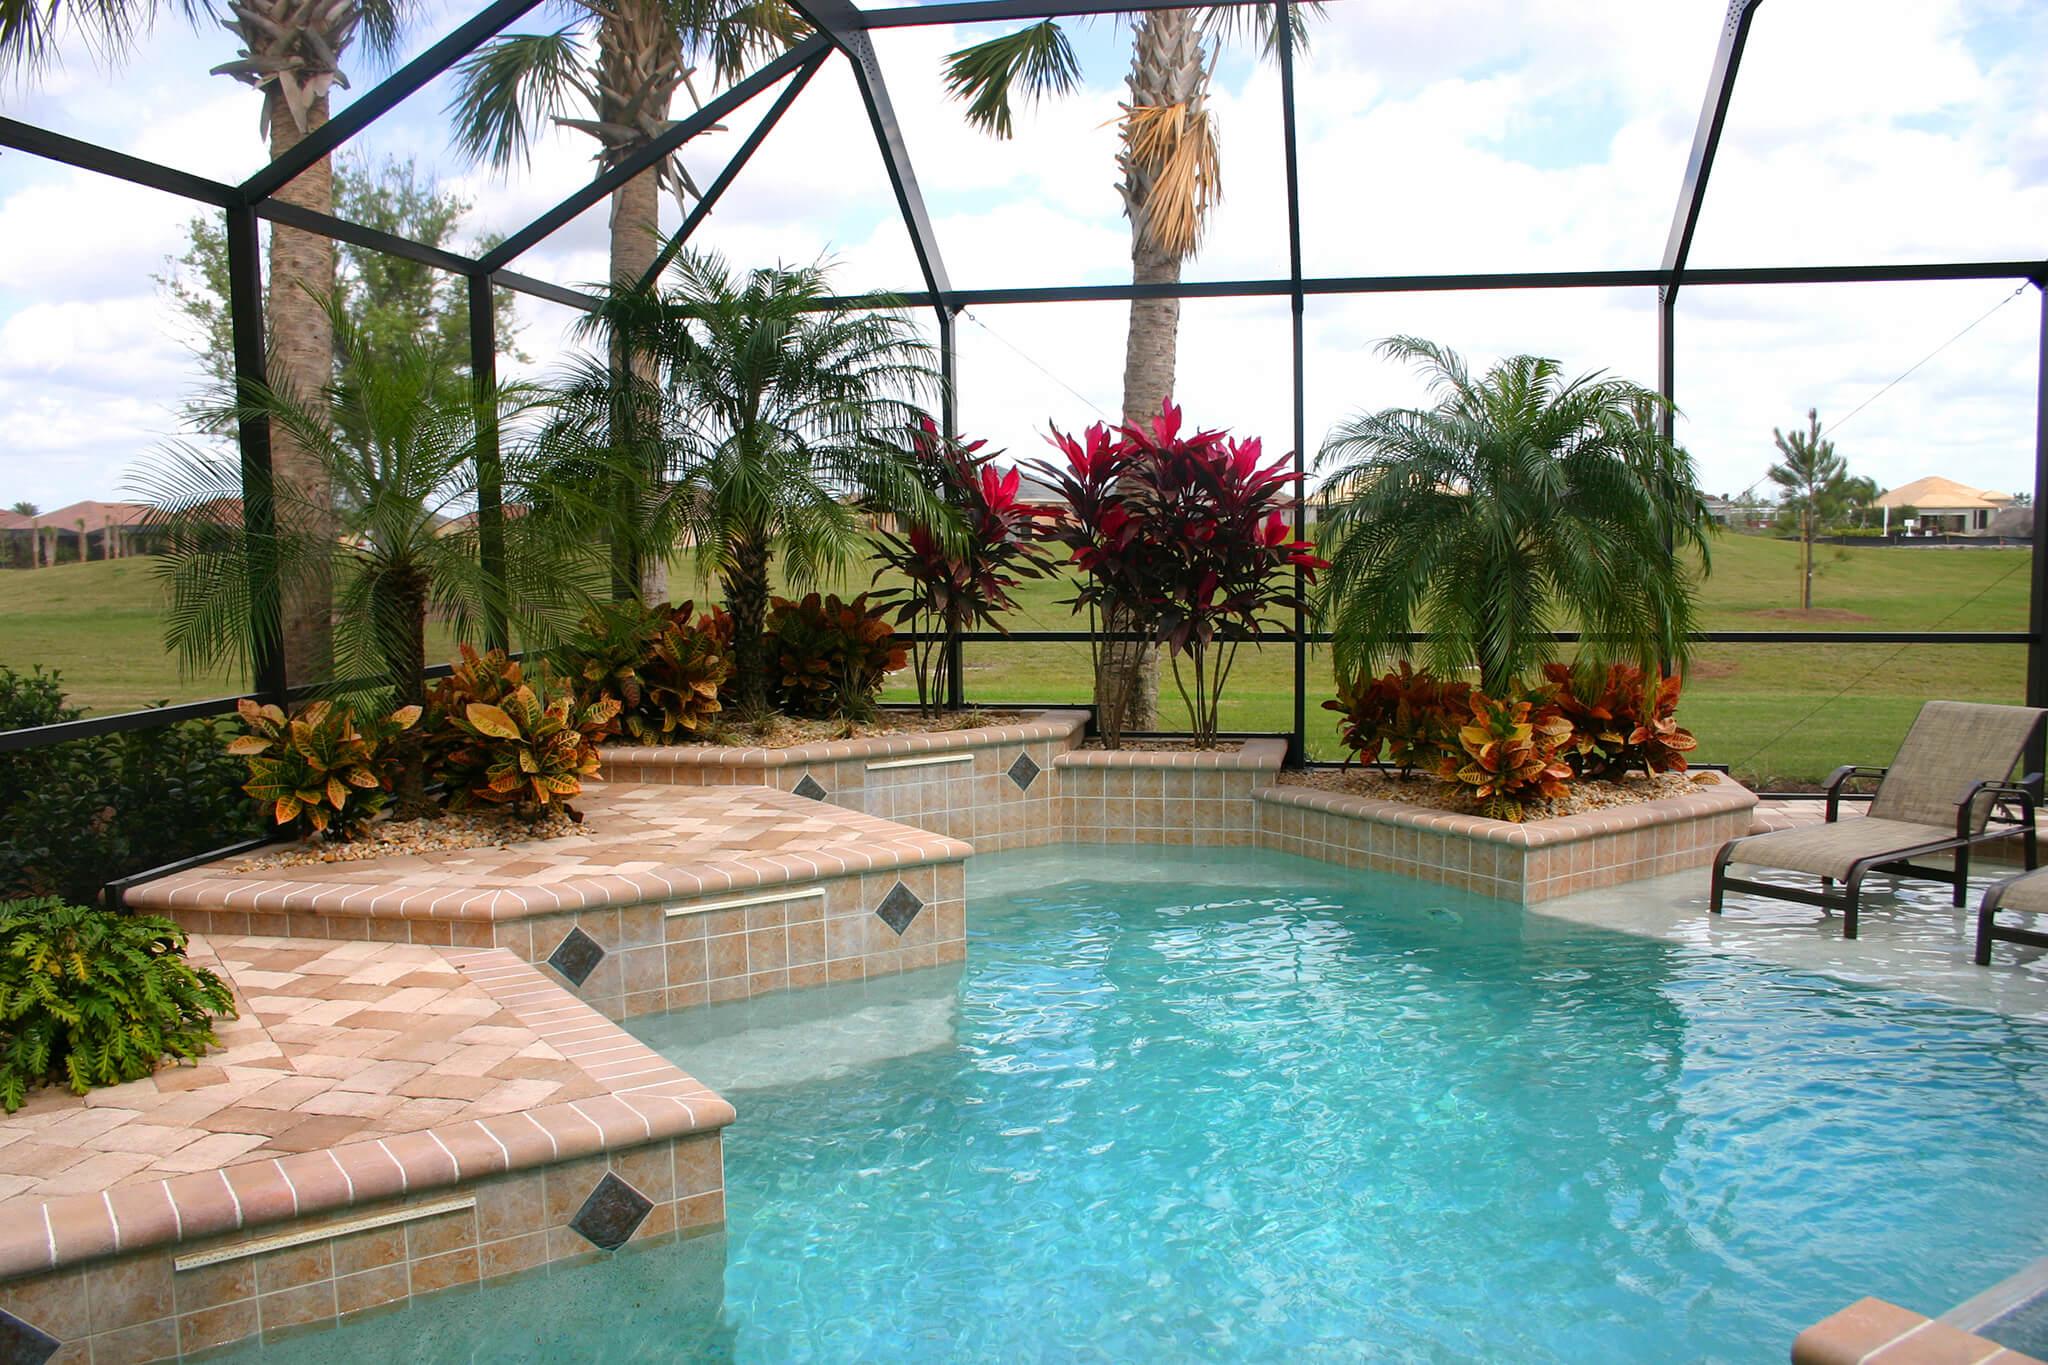 Florida Pool Enclosures Pool Screen Enclosure Rescreen